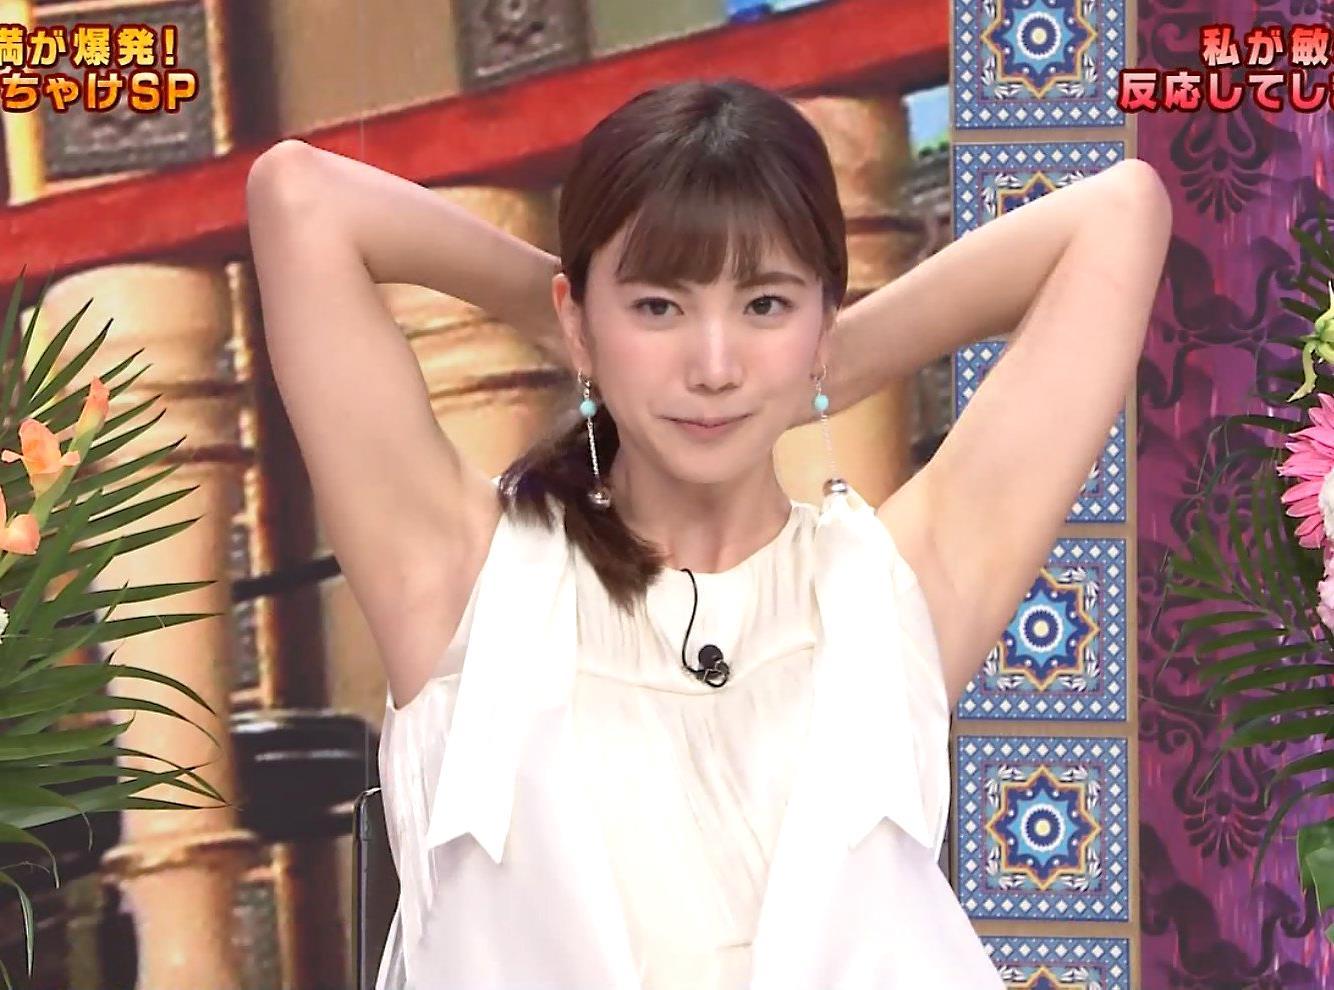 源藤アンリの腋見せキャプ (2)